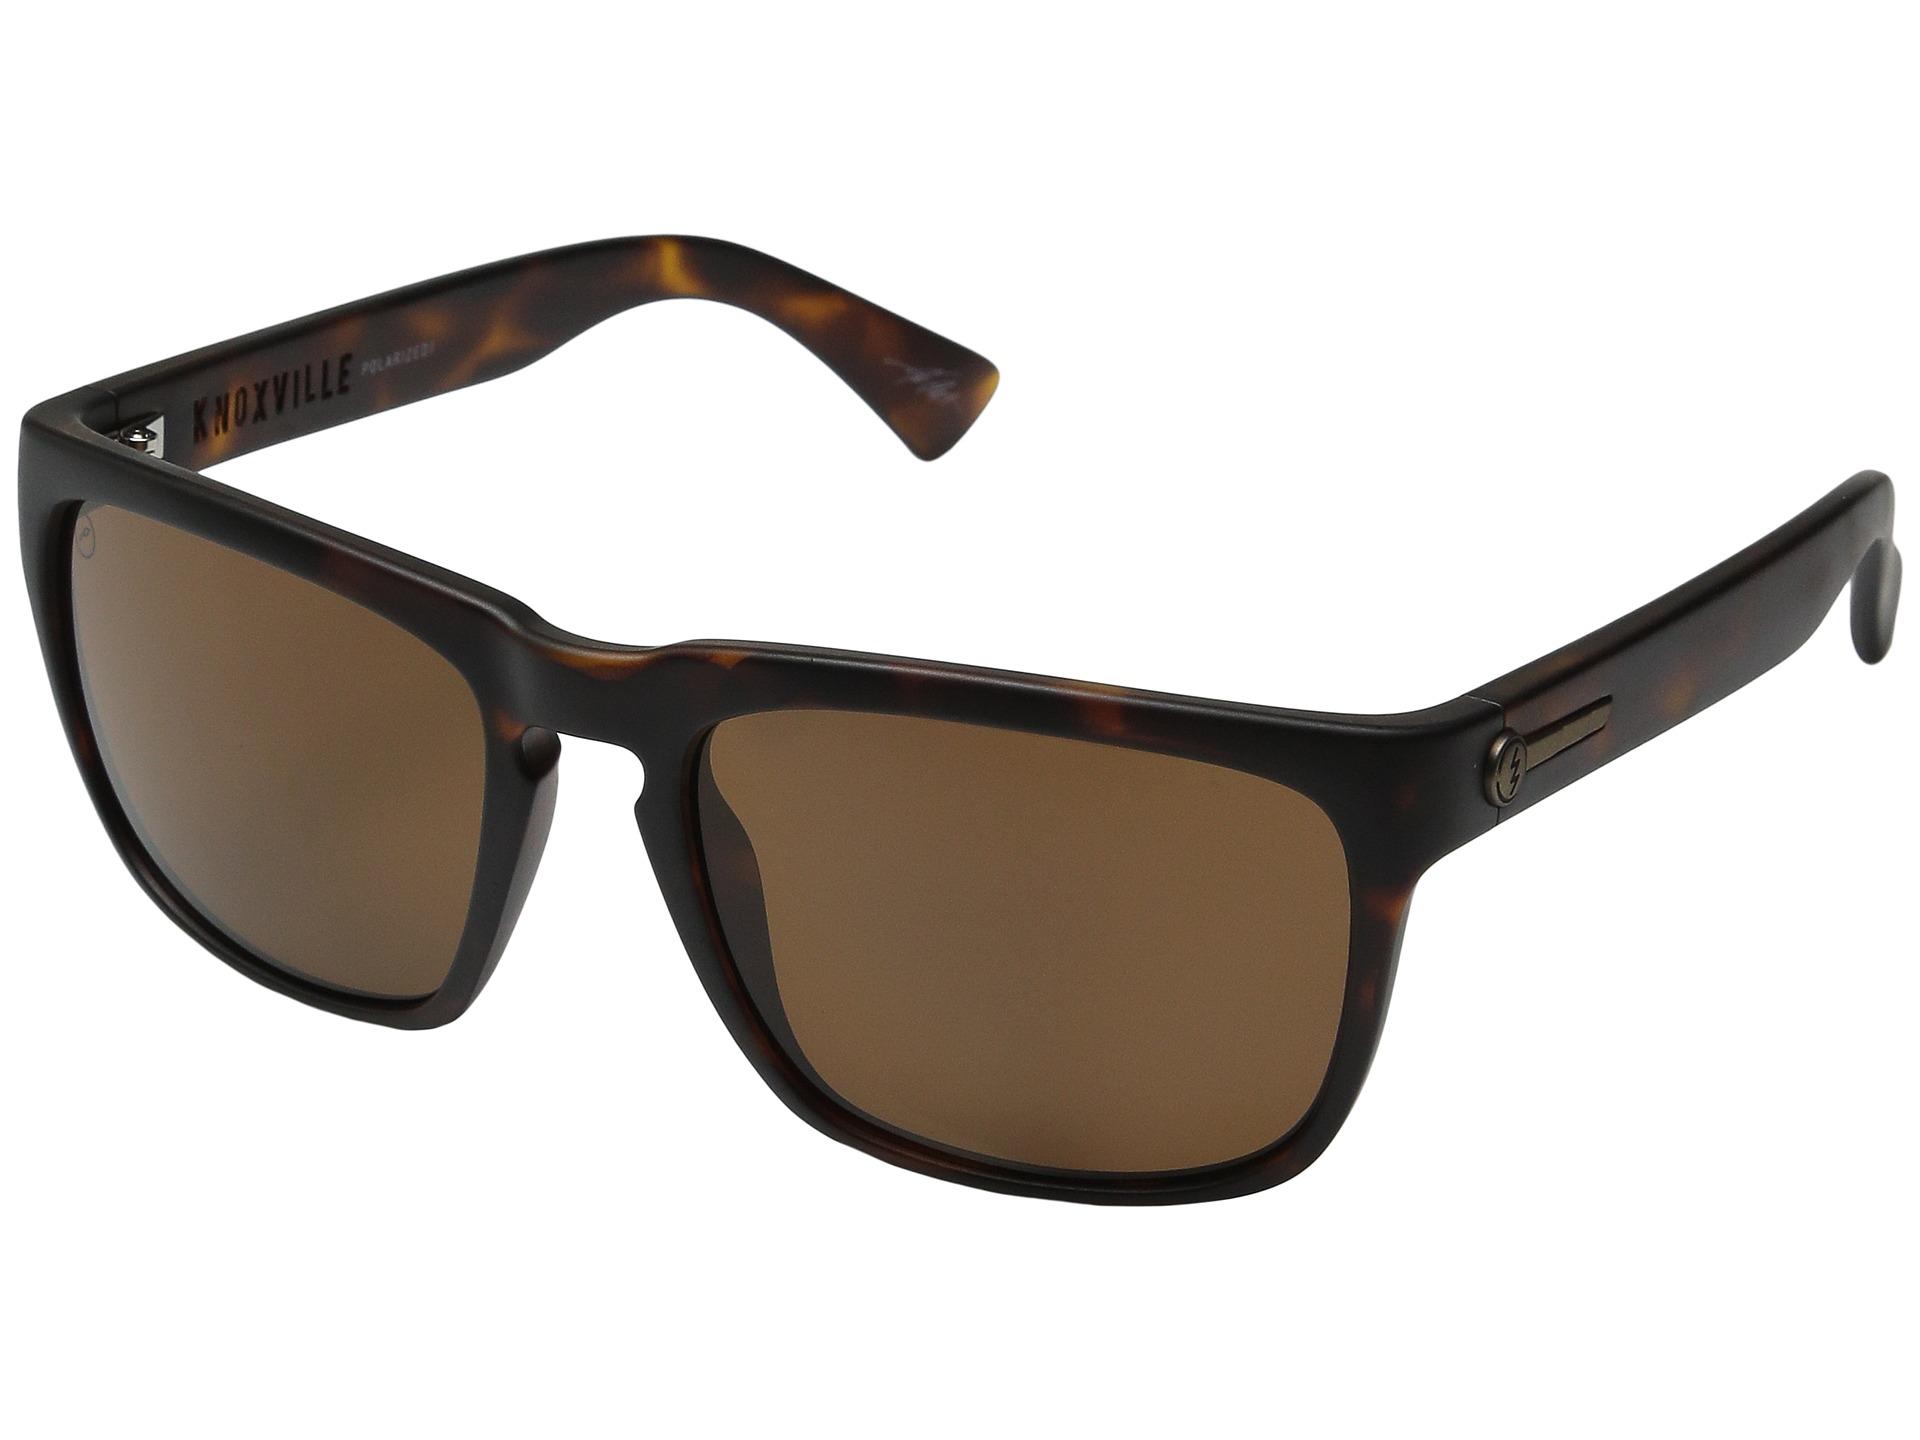 electric eyewear knoxville matte tort melanin level 1